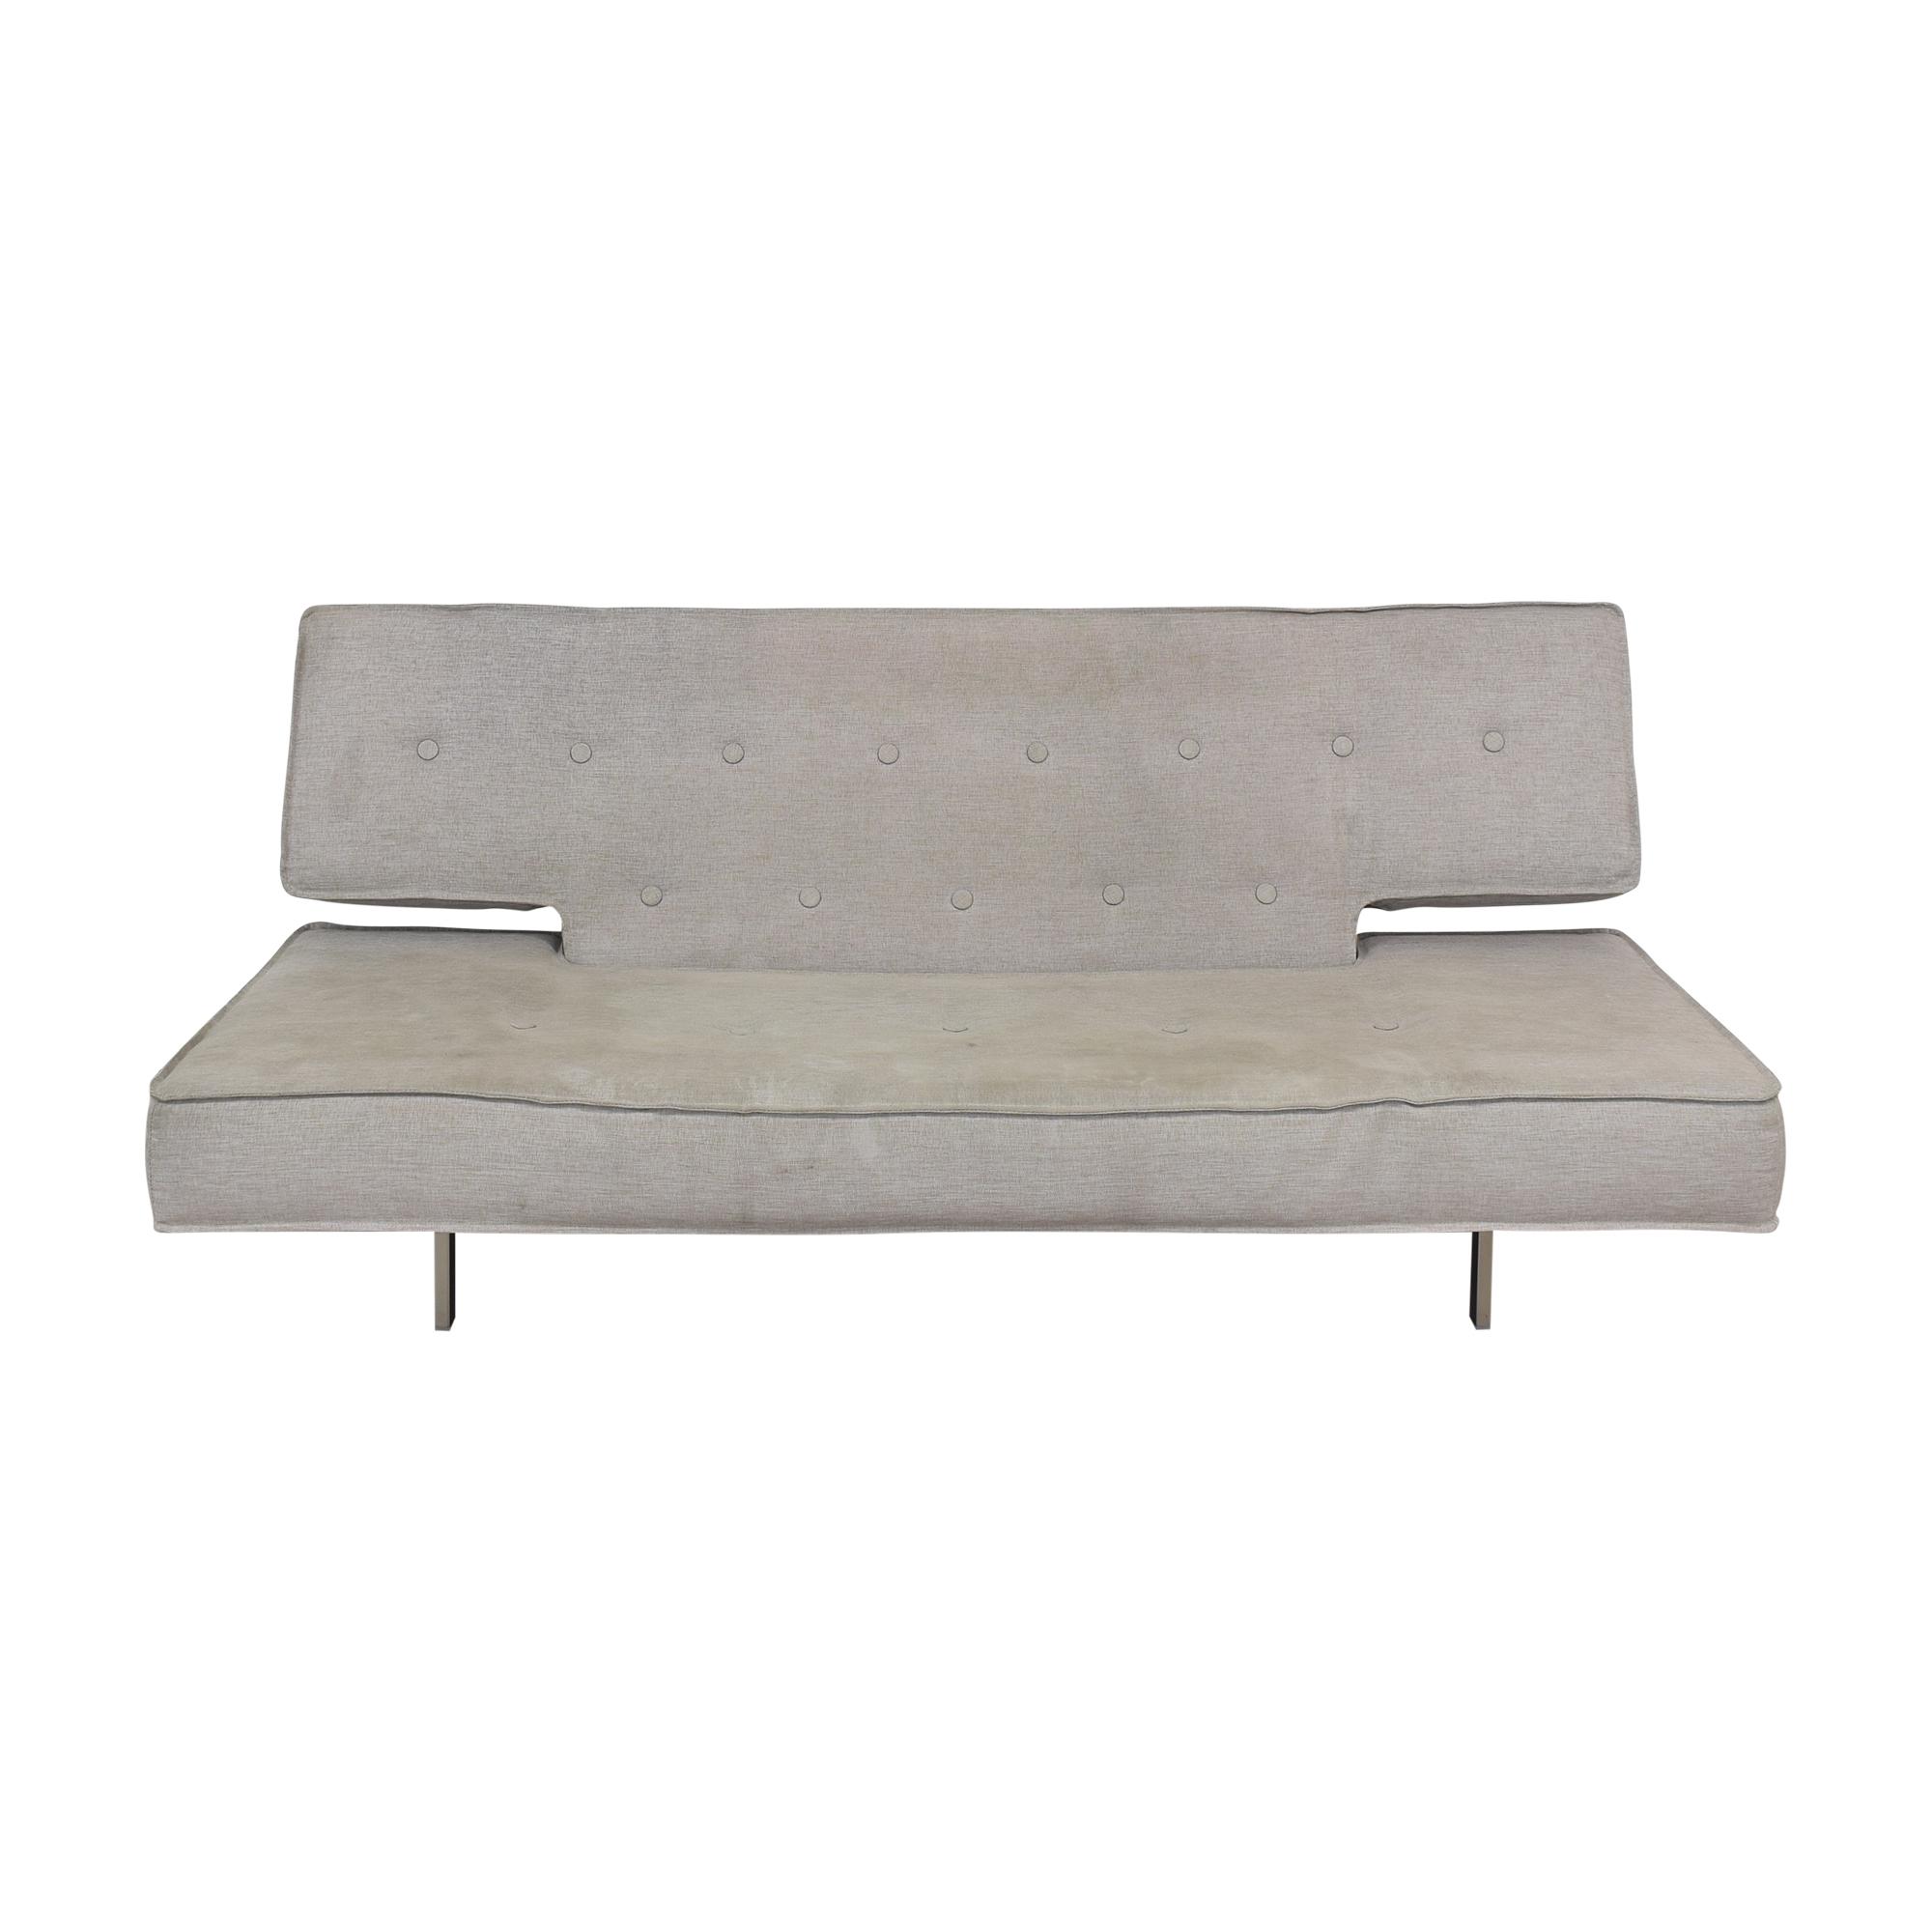 BoConcept BoConcept Seca Sofa Bed dimensions